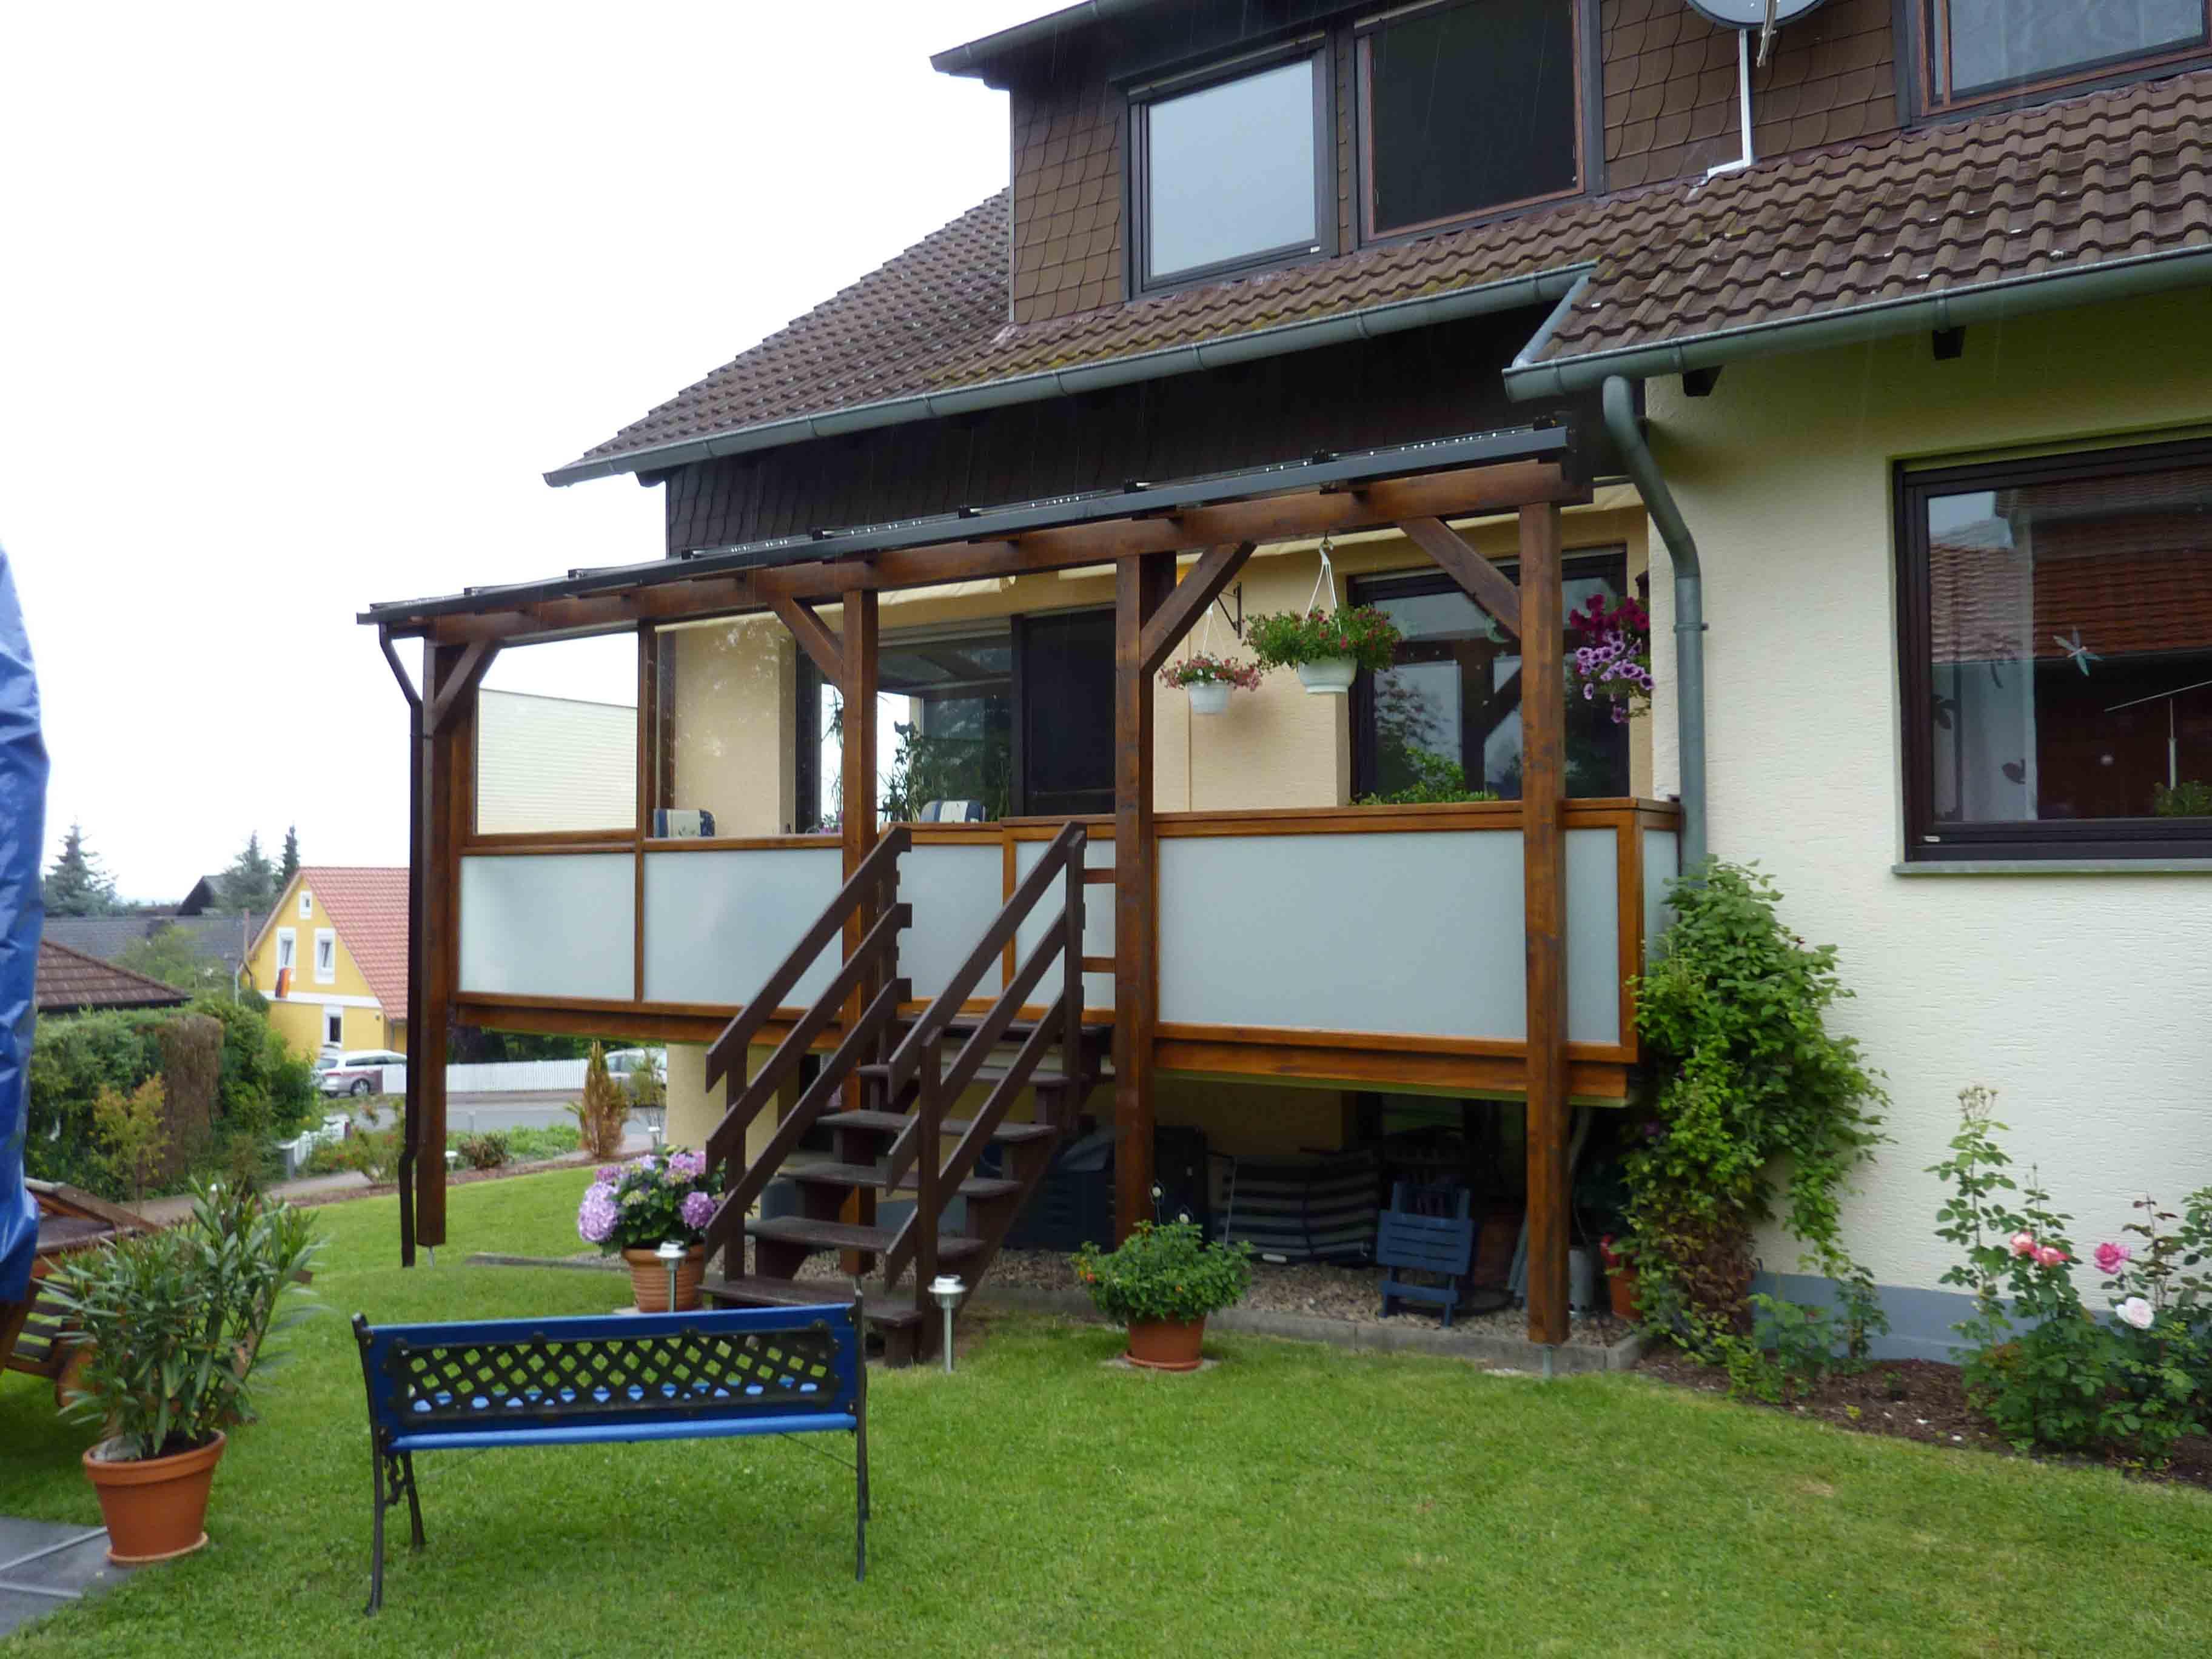 Erstaunlich Hausvordächer Das Beste Von Terassenueberdachung_01